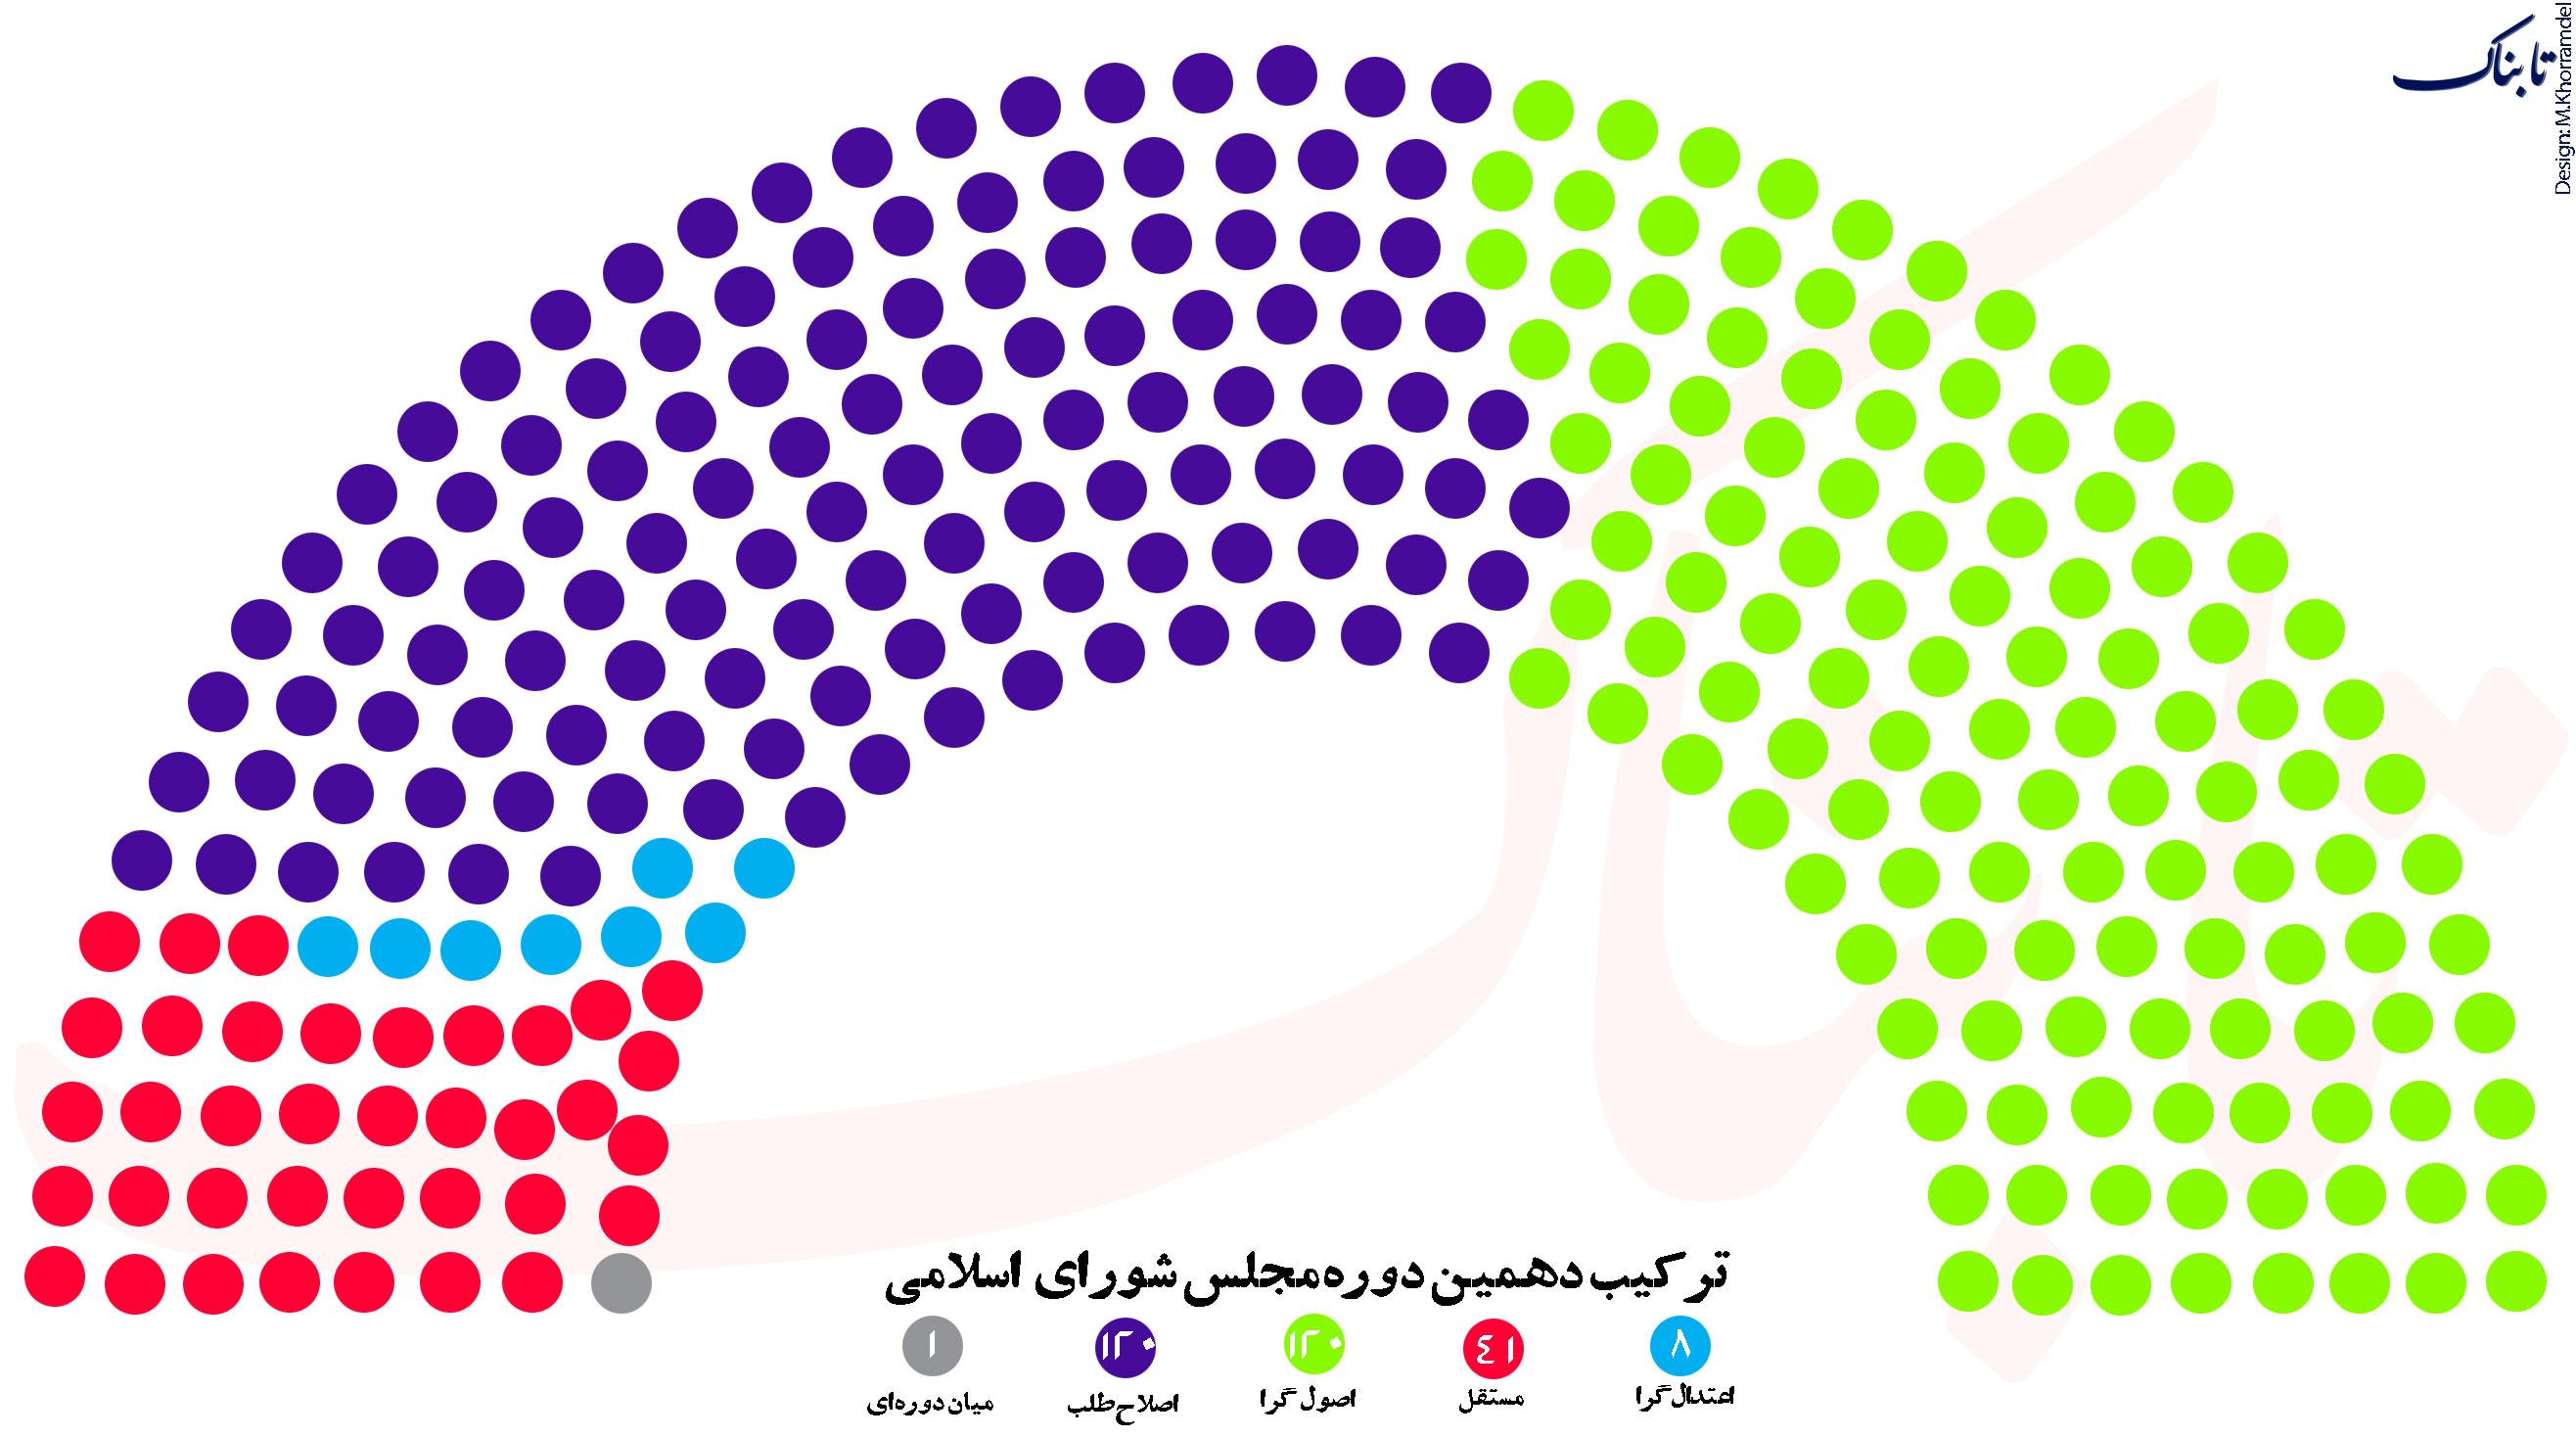 تعداد اصولگرایان و اصلاح طلبان در مجلس دهم + اینفوگرافی